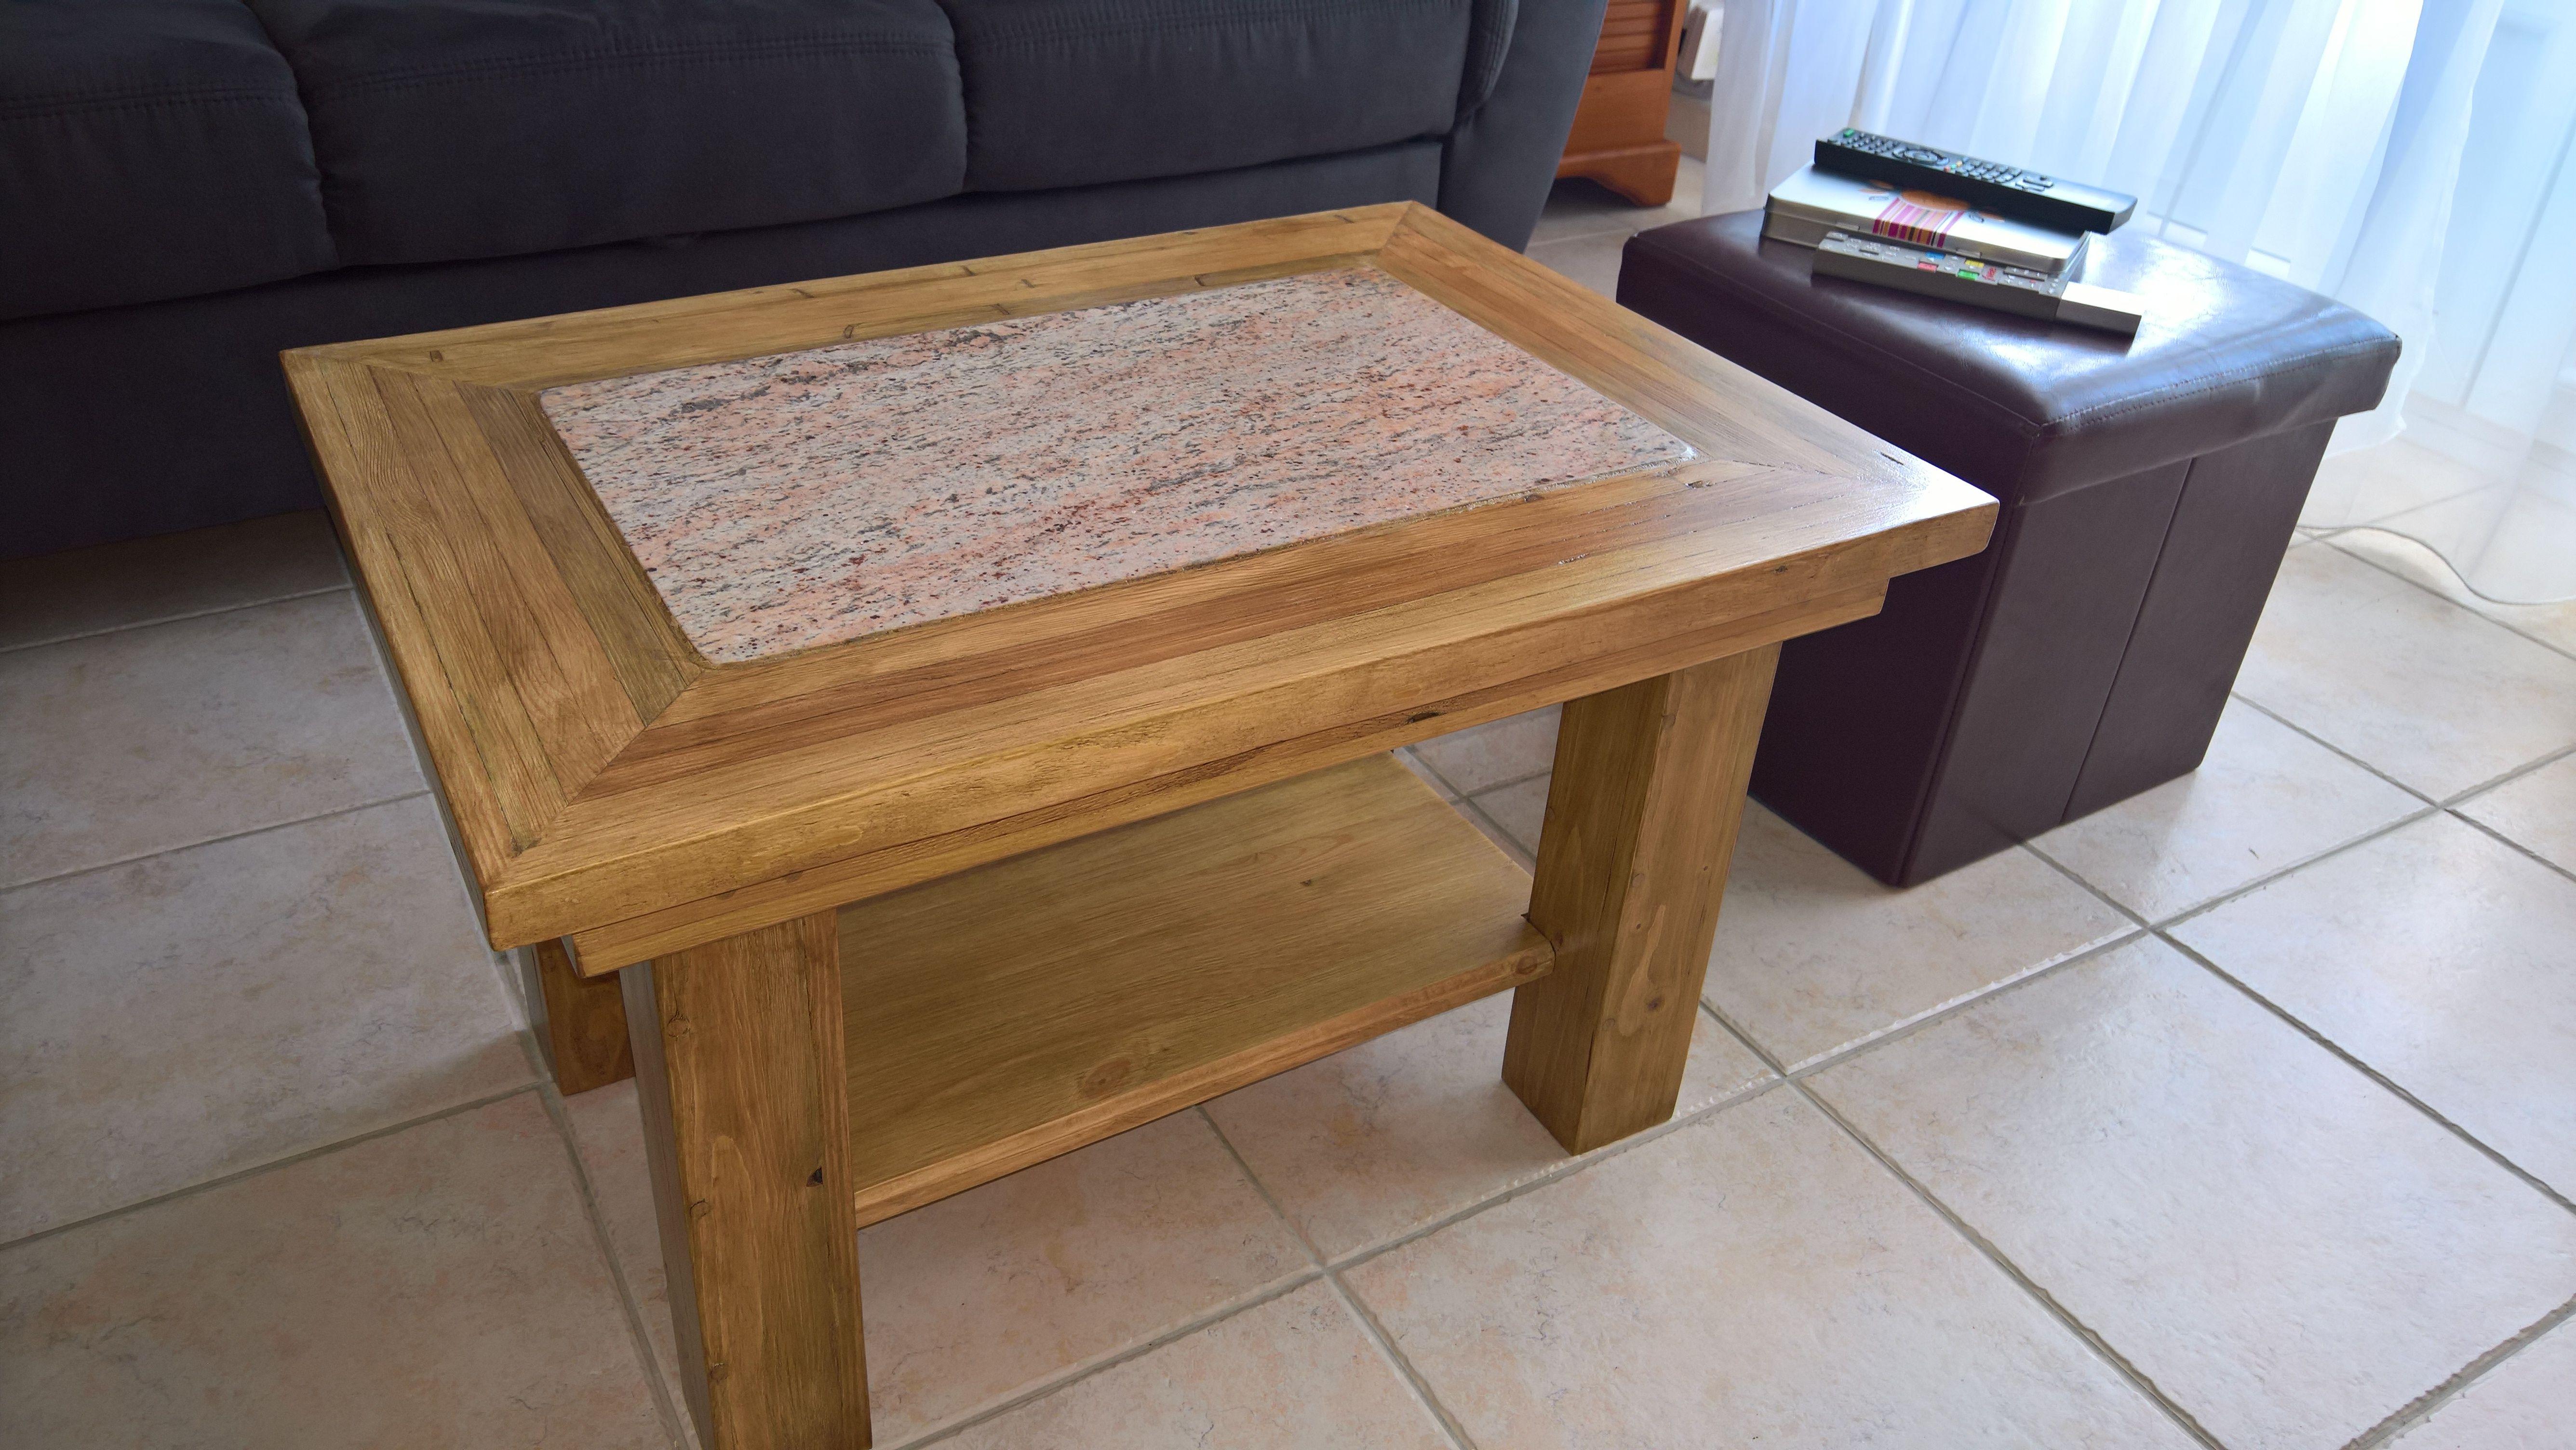 560de69f00dc2c4a9b9f4a9680eba8d7 Incroyable De Table Basse Pliante but Concept